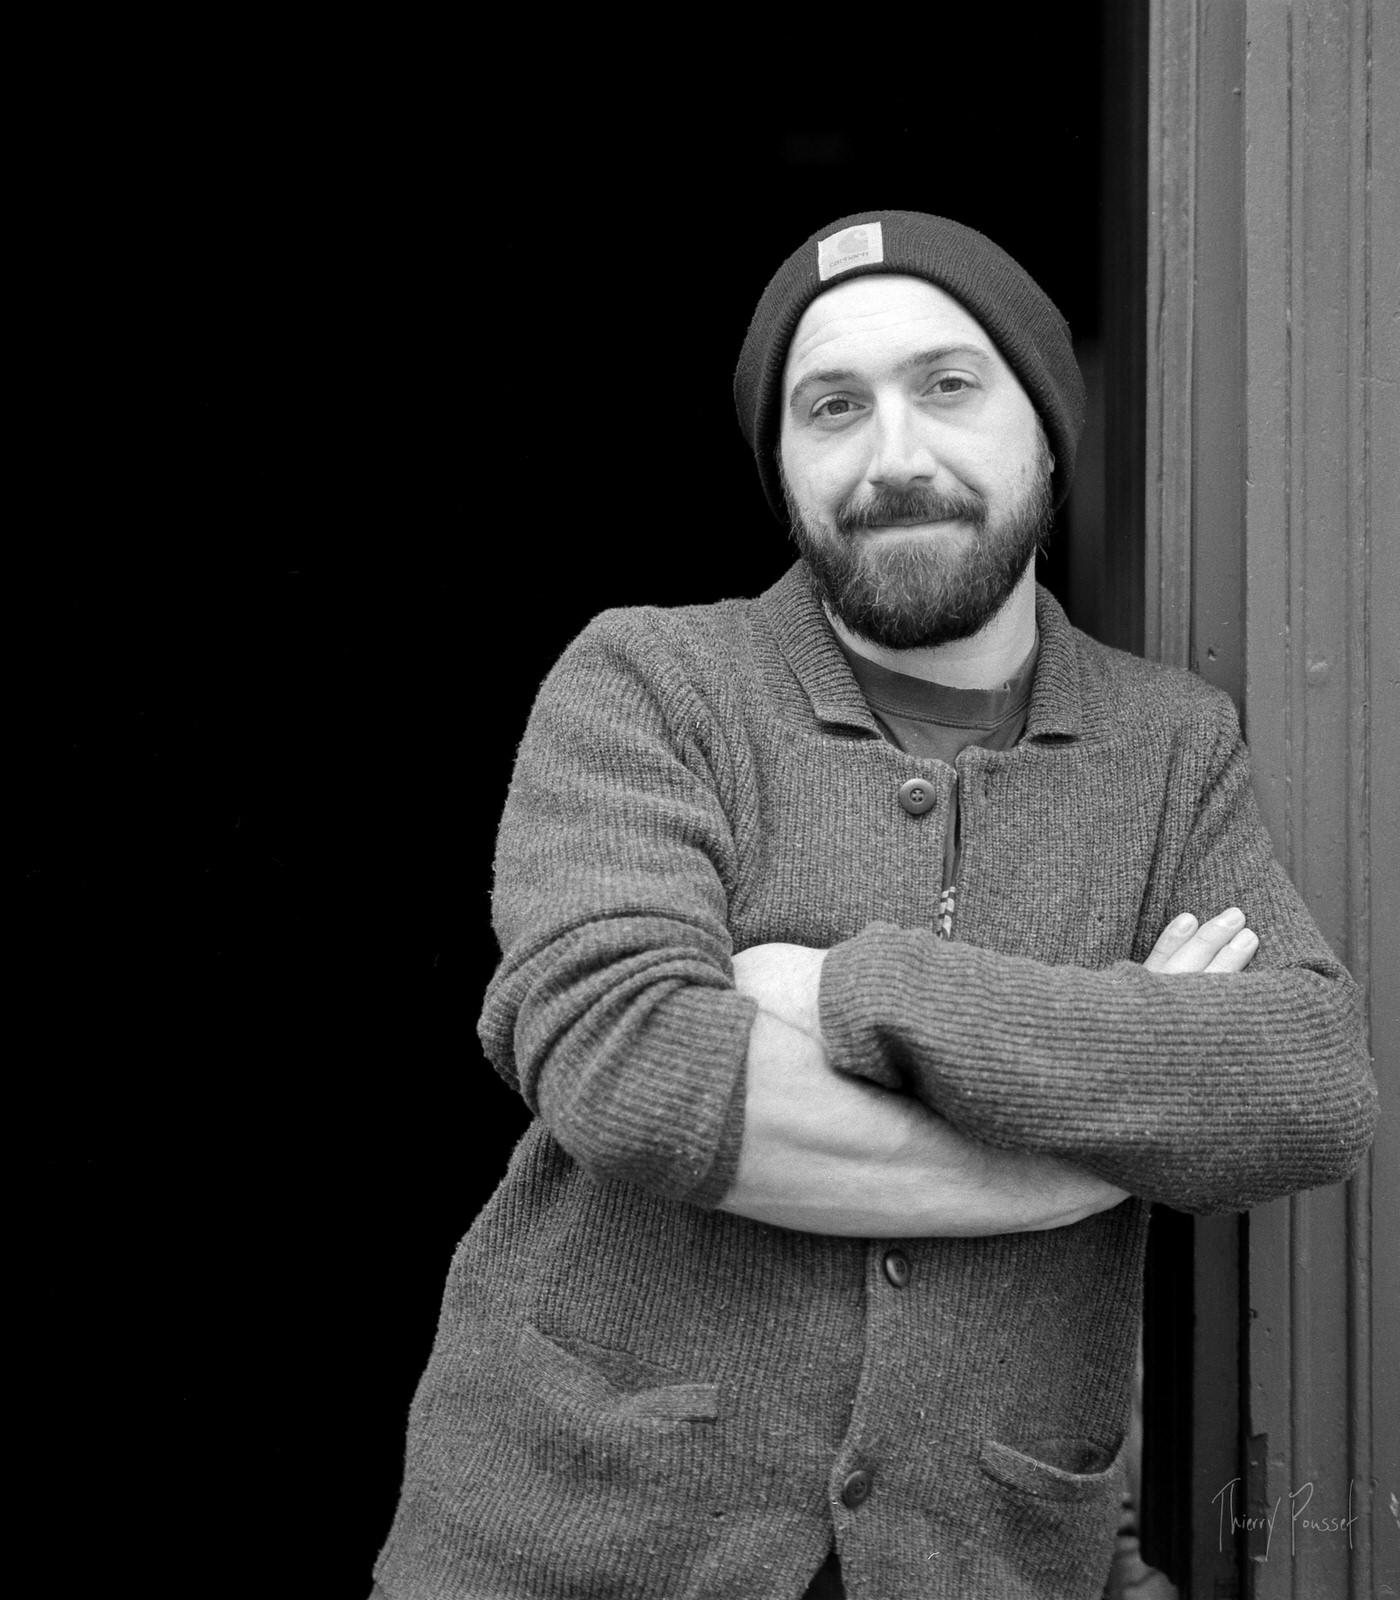 Portrait d'artisan - Entrepreneur - Thierry Pousset - Photographe professionnel - Bordeaux - shooting extérieur - portrait d'entrepreneur